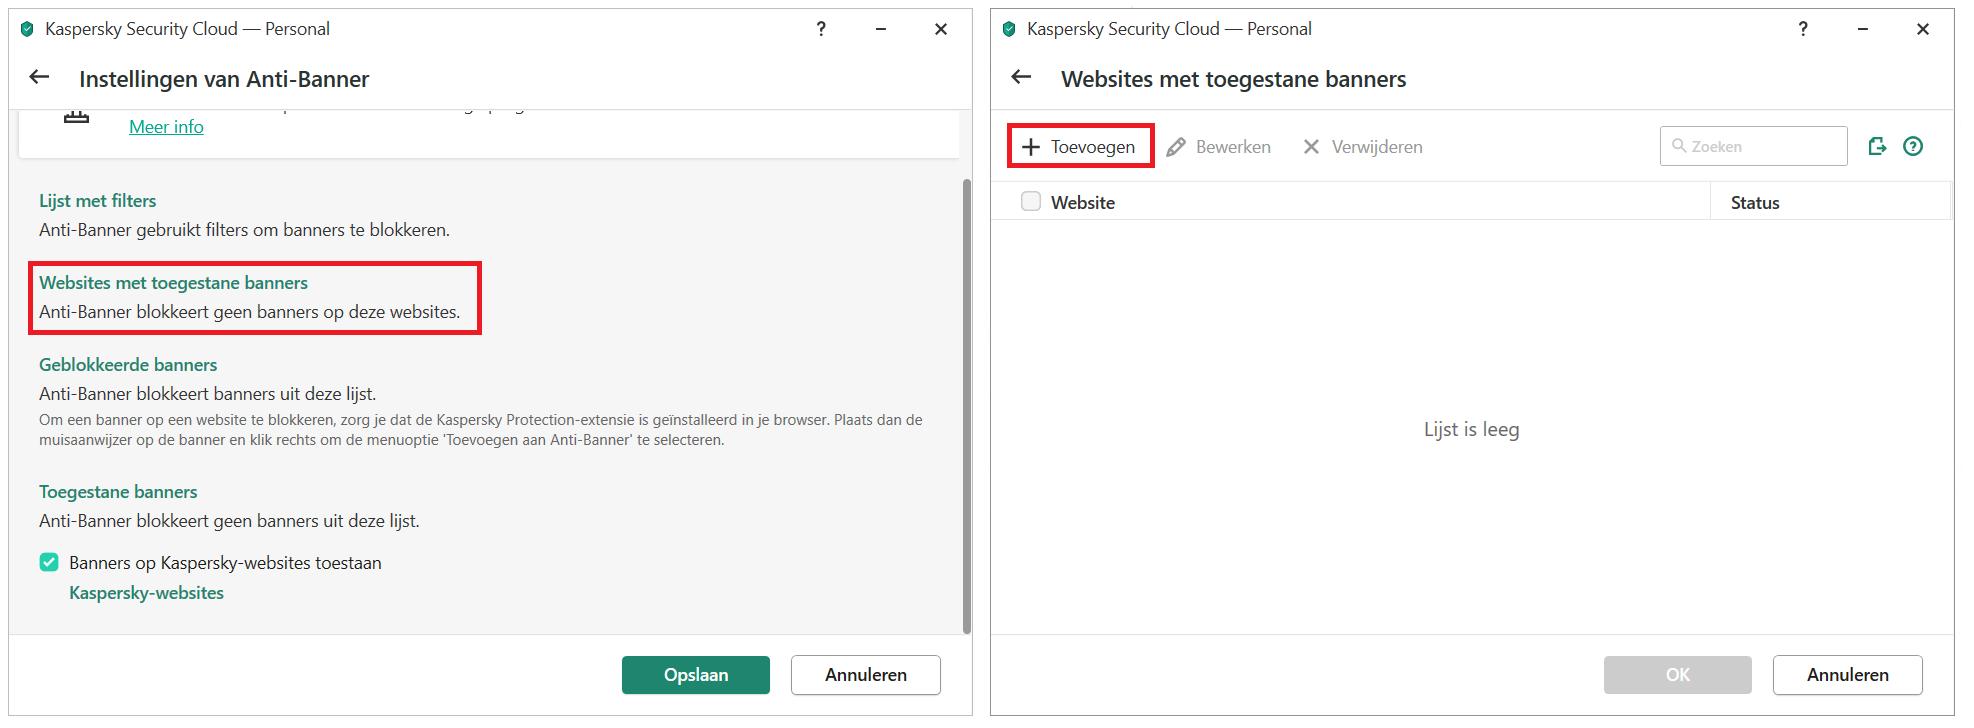 Een banner aan de uitzonderingenlijst toevoegen in Kaspersky Security Cloud